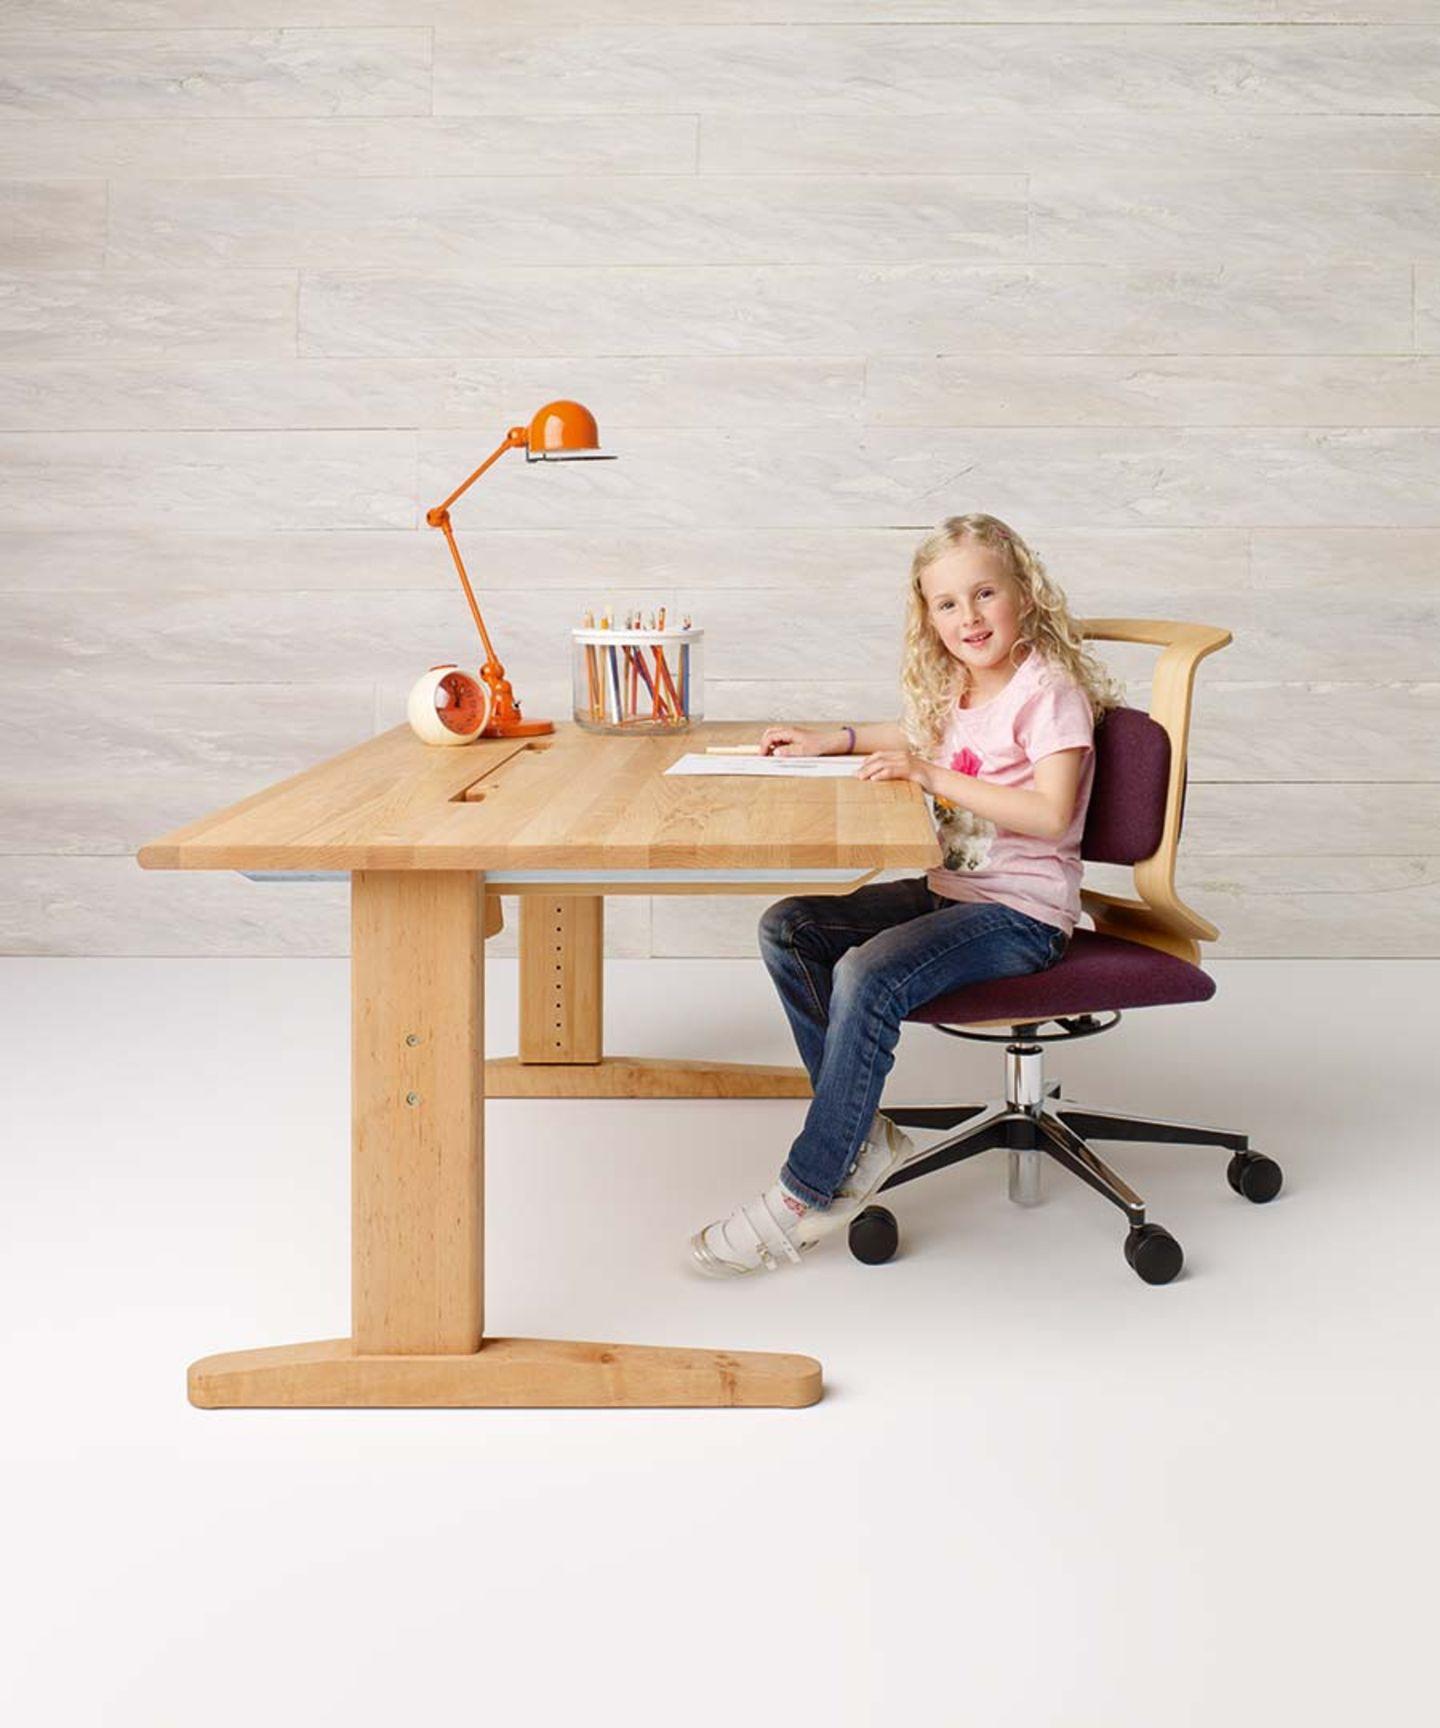 Chaise pivotante et bureau en bois naturel pour enfants